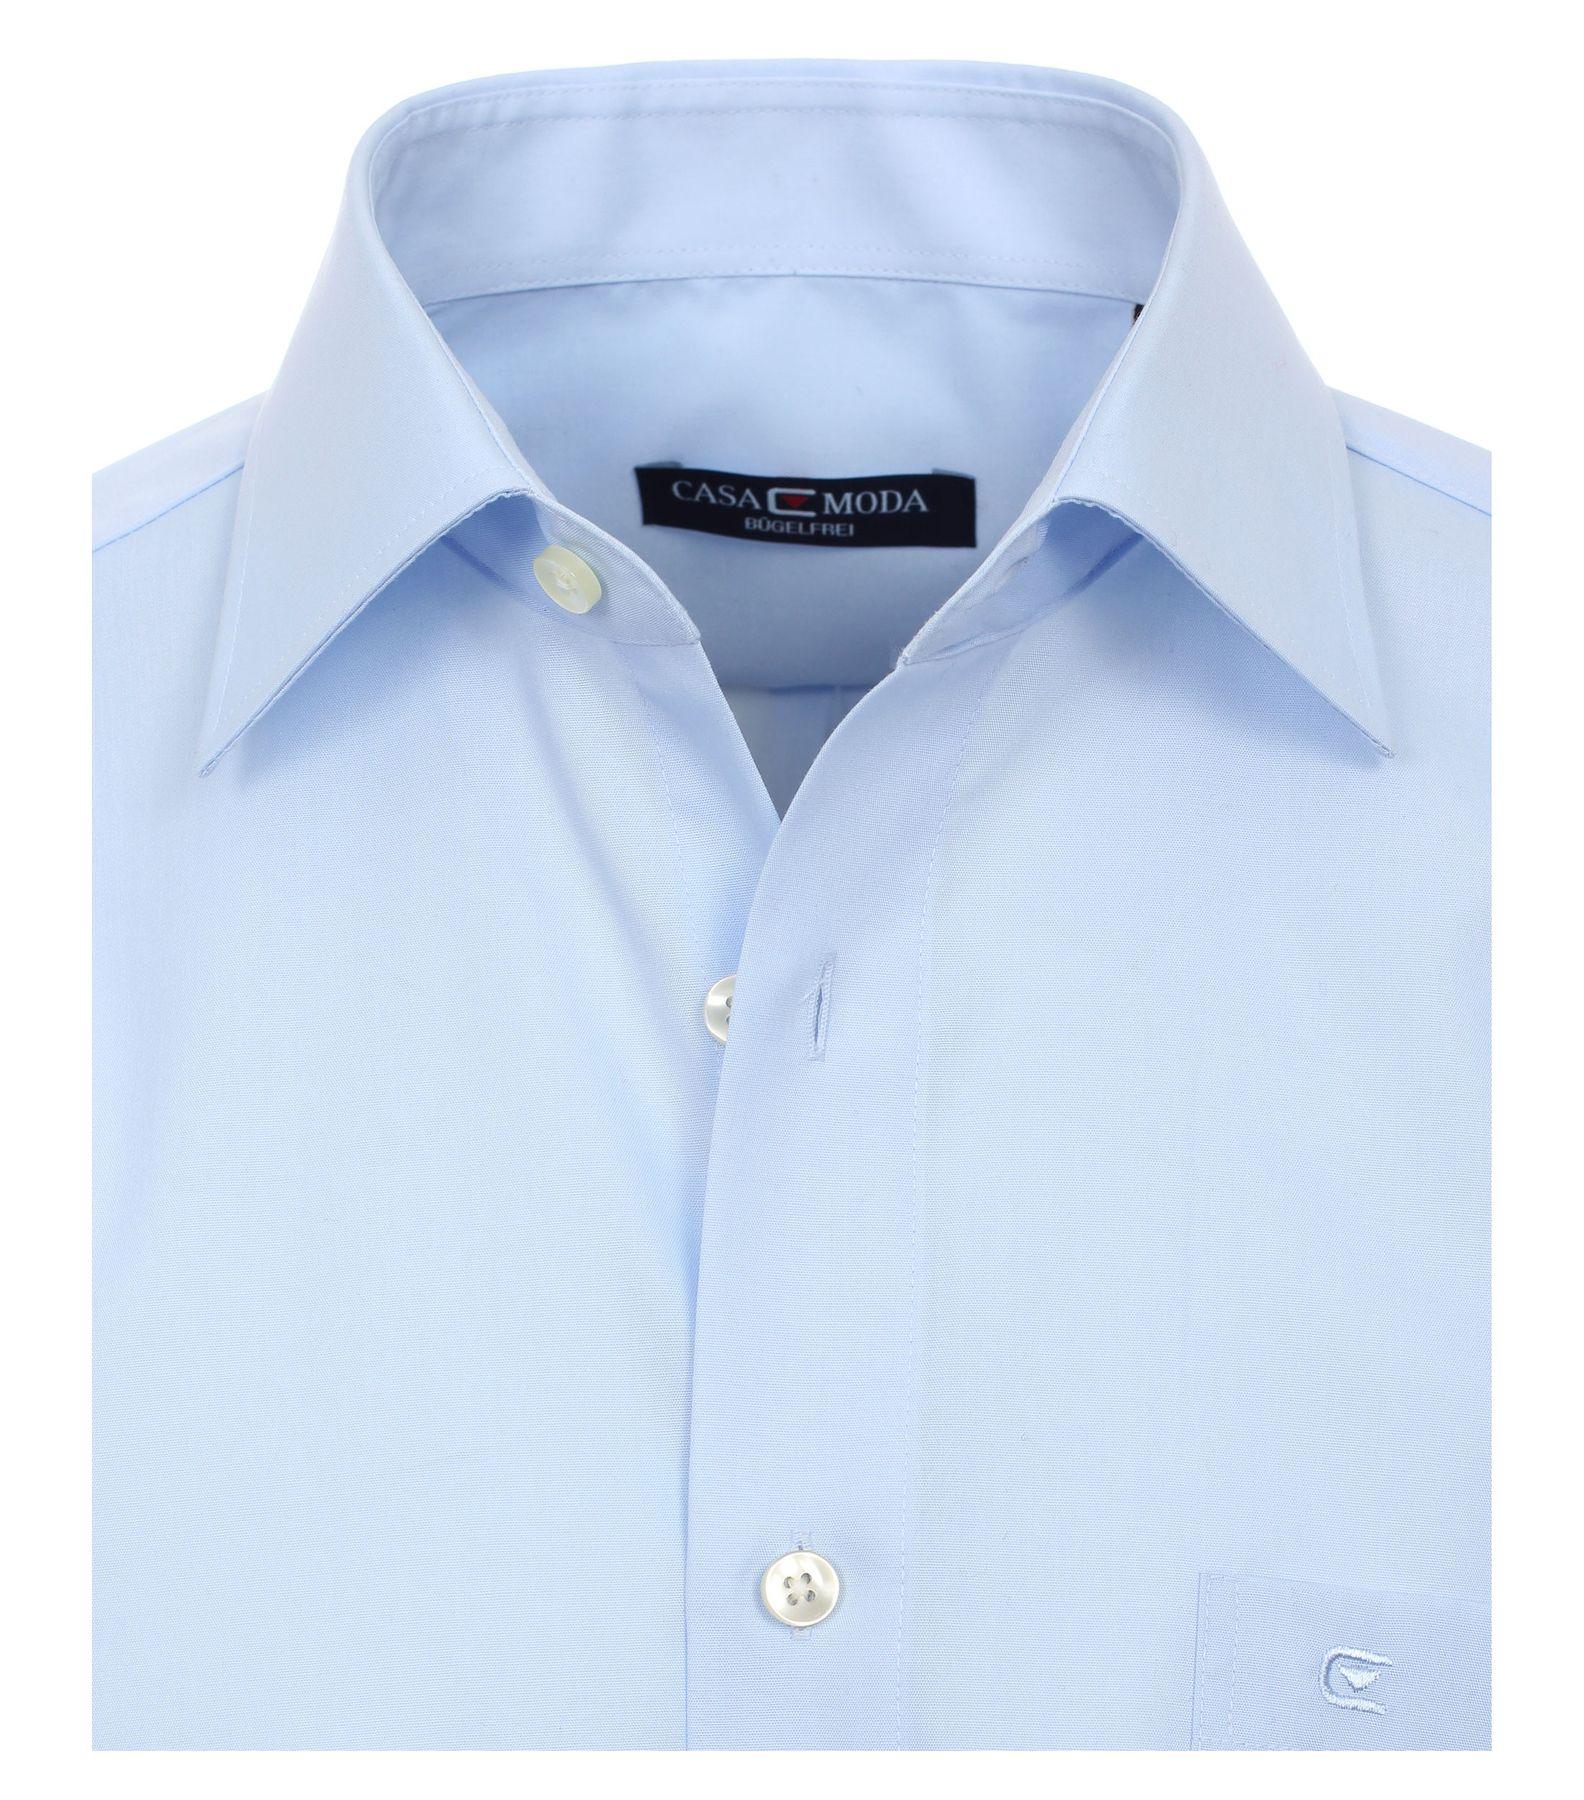 Casa Moda - Comfort Fit - Bügelfreies Herren Business langarm Hemd verschiedene Farben (006050) – Bild 14